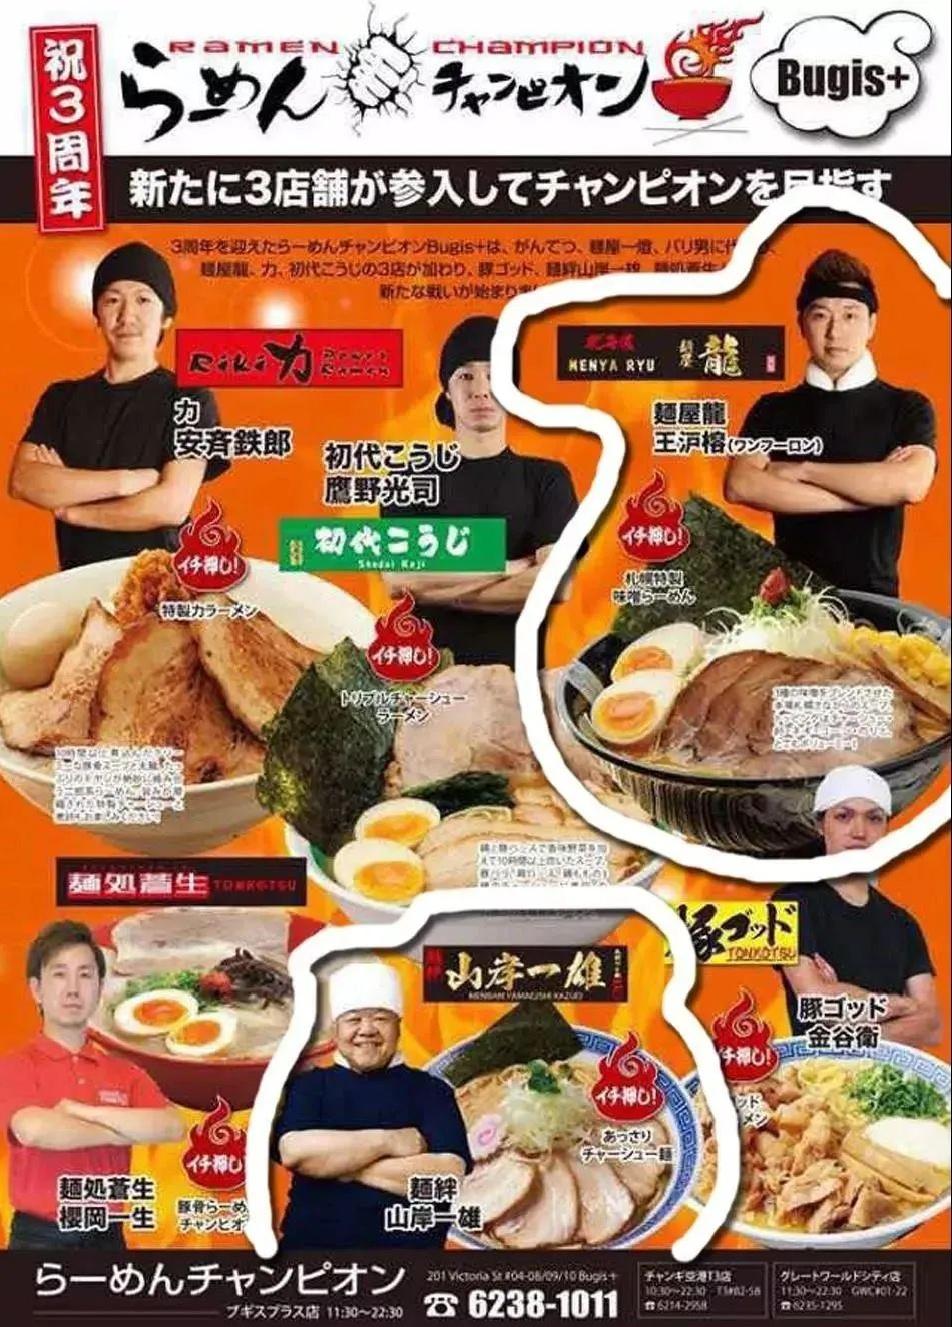 69.9元抢【一豚轩】原价162元双人餐来自日本博多的豚骨拉面,十六小时精心熬制,只为这一口温润醇厚! 无需预约,周末节假日通用